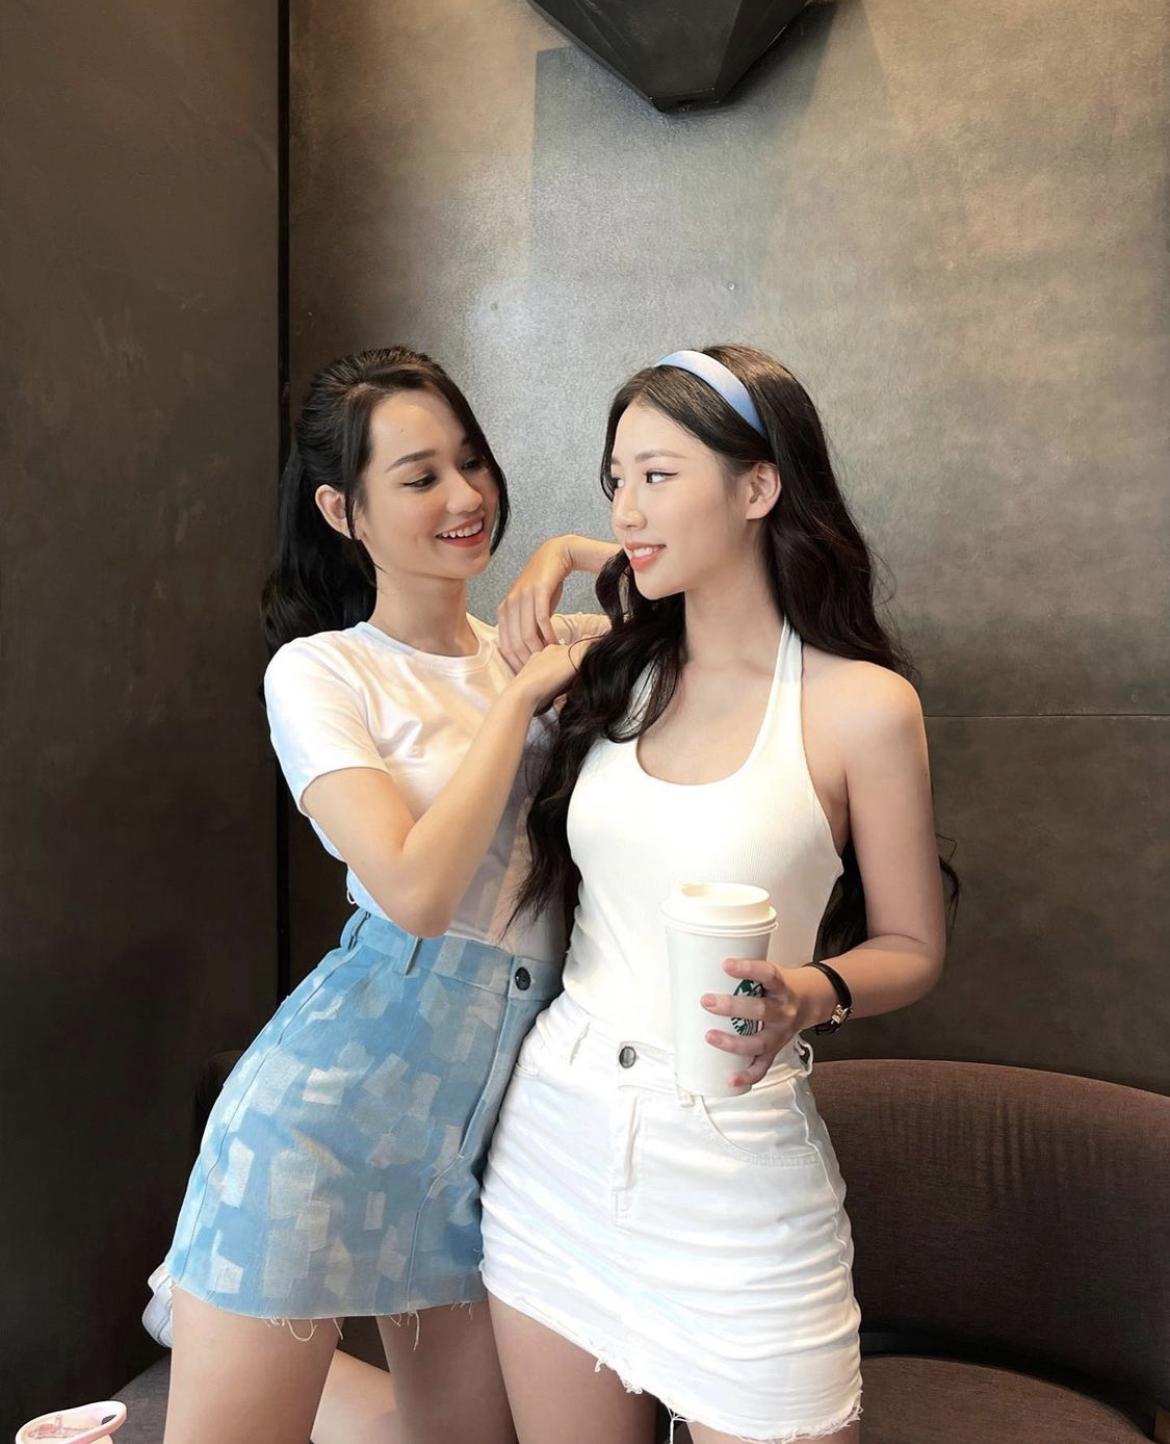 Instagram look sao Việt tuần qua: Sơn Tùng chụp ảnh kiểu... khó hiểu, Ngọc Trinh quẩy hàng hiệu cả trăm triệu hậu mất 15 tỷ đồng - Ảnh 6.